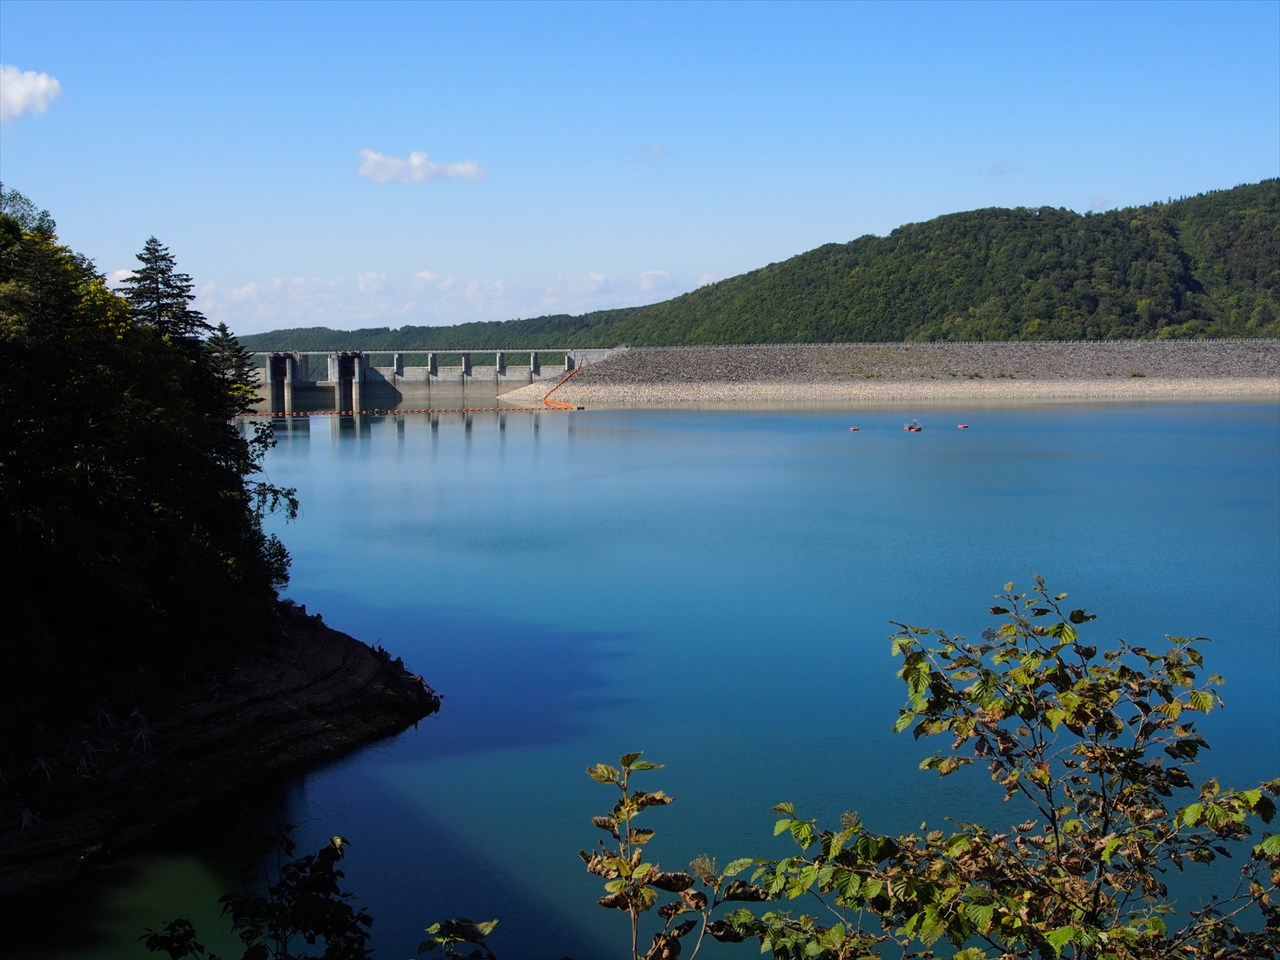 忠別湖のダム方向の景色